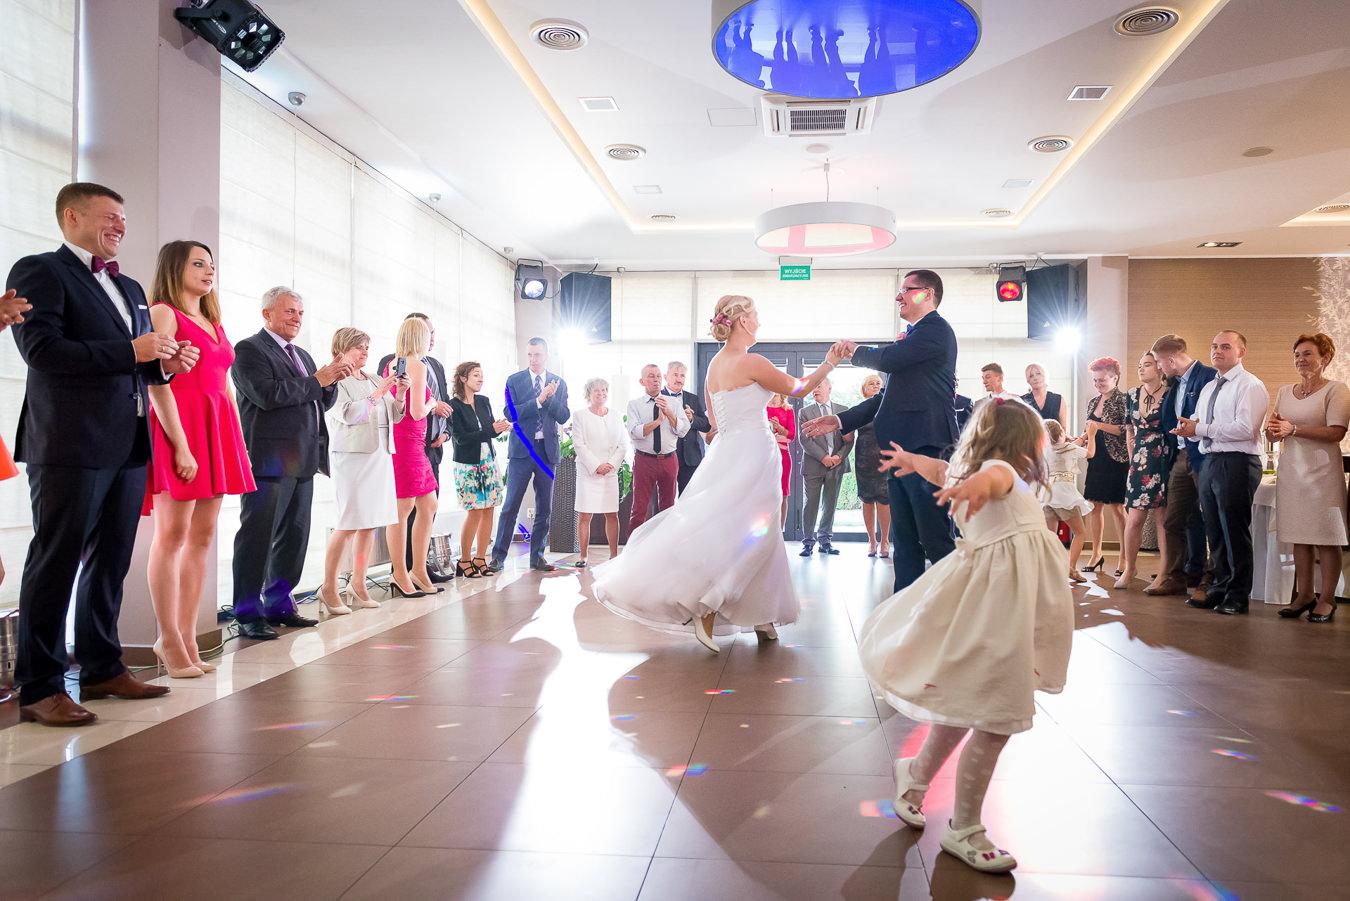 Piosenki na pierwszy taniec para młoda tańczy w kręgu rodziny i znajomych